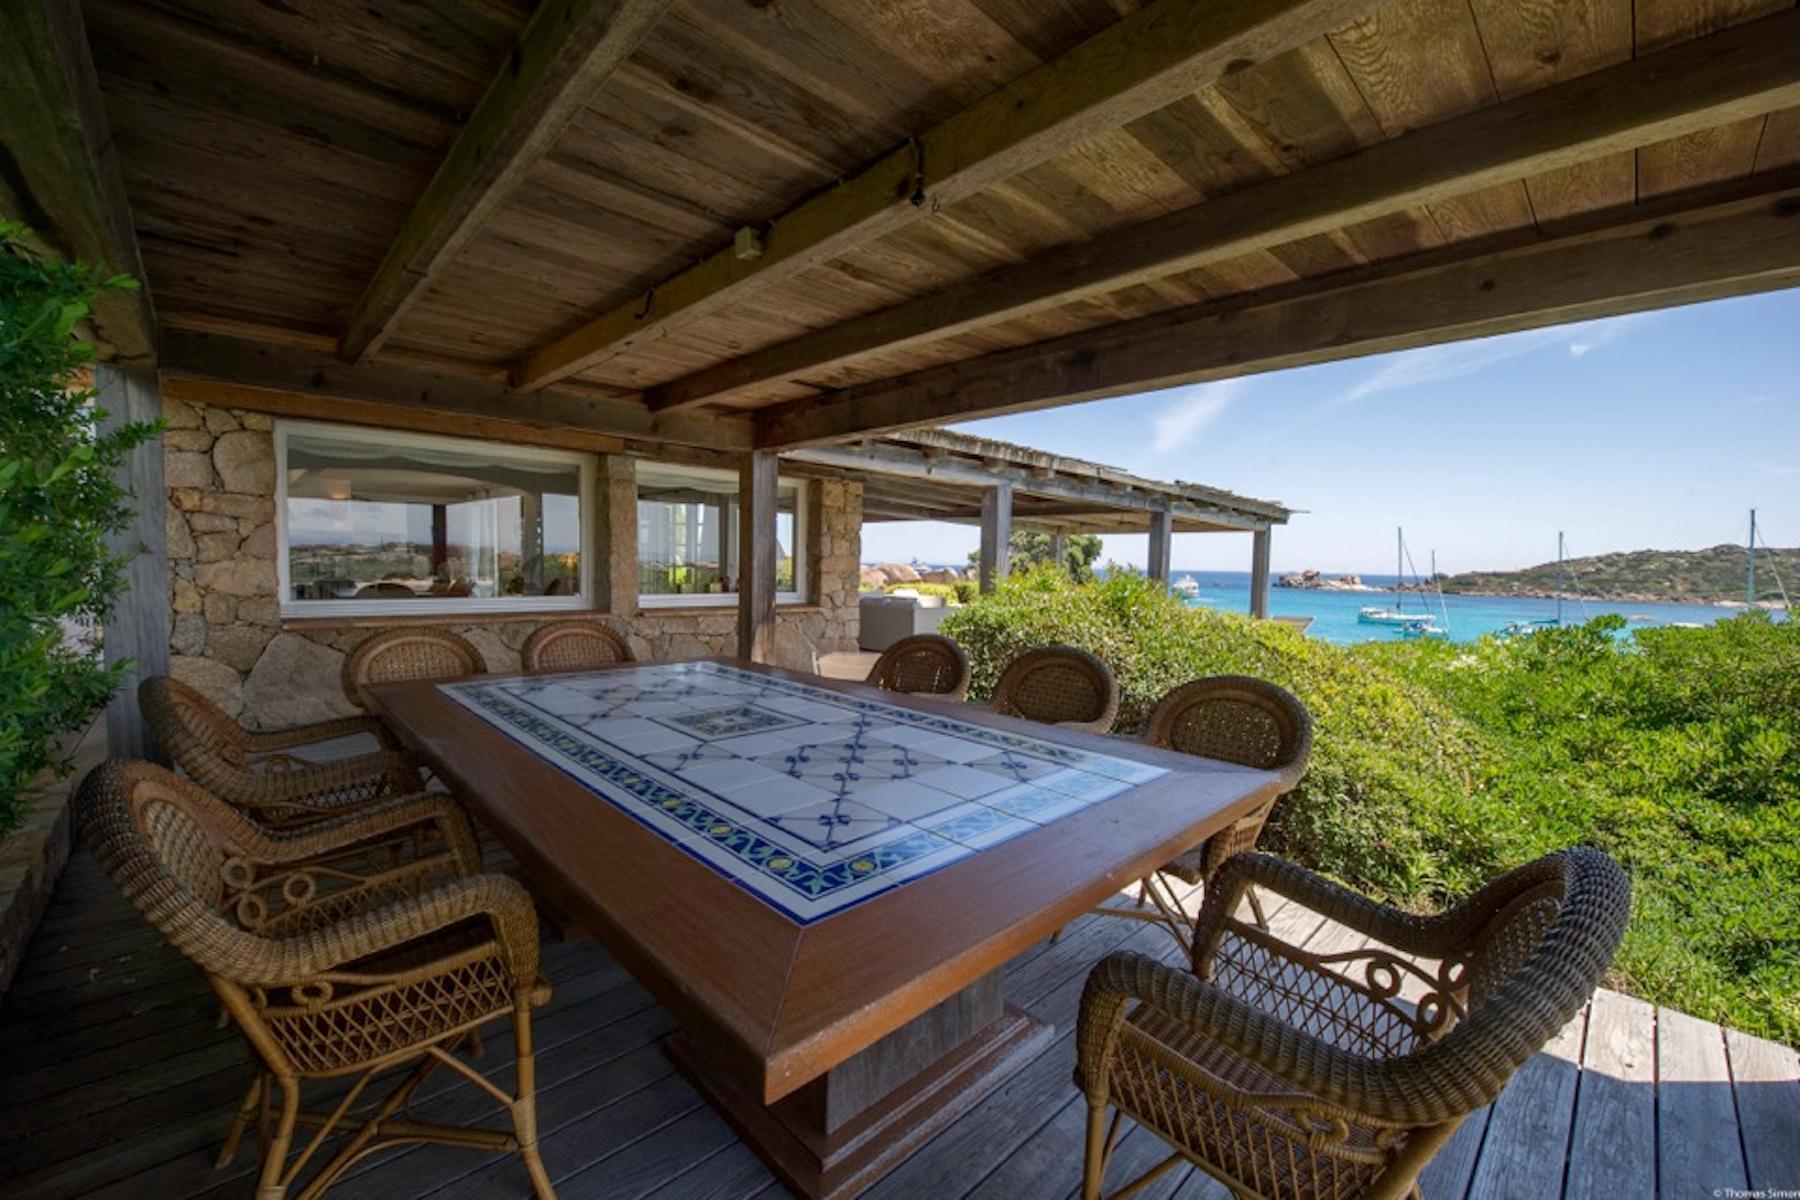 Cavallo Island, Corsica - Secluded villa with breathtaking seaview - 17